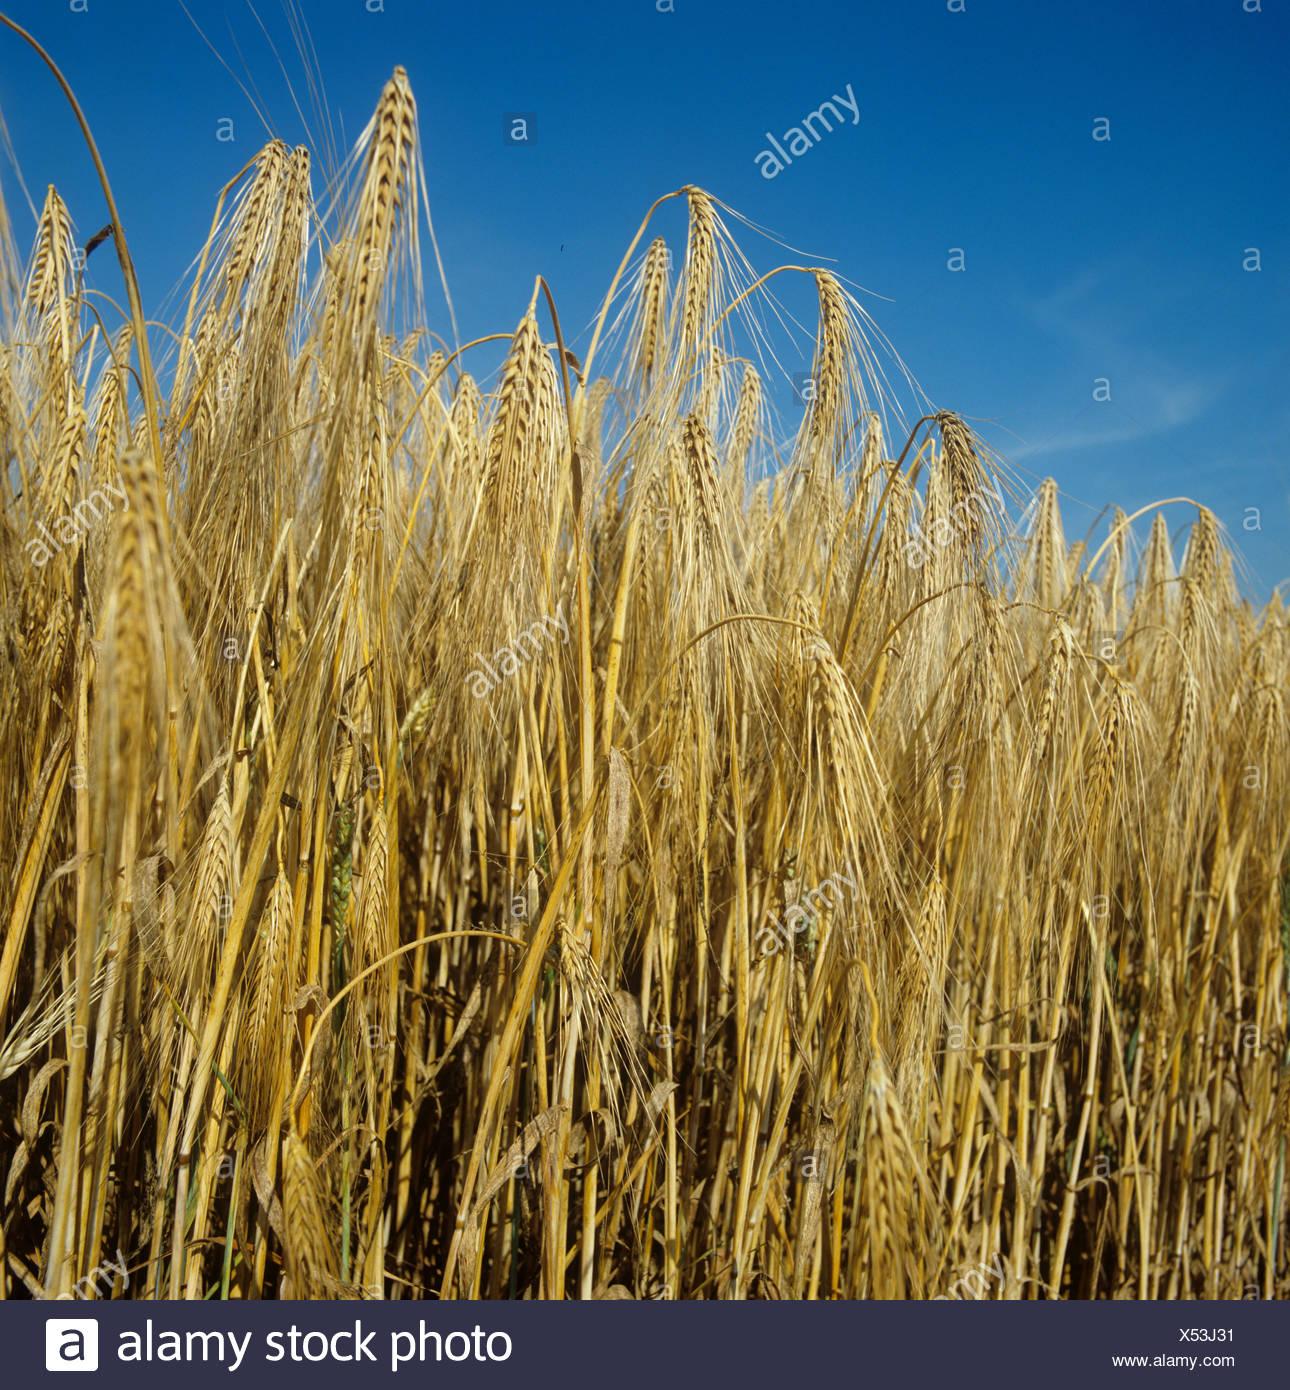 Maduras de cebada de seis hileras contra el azul intenso del cielo de verano Imagen De Stock